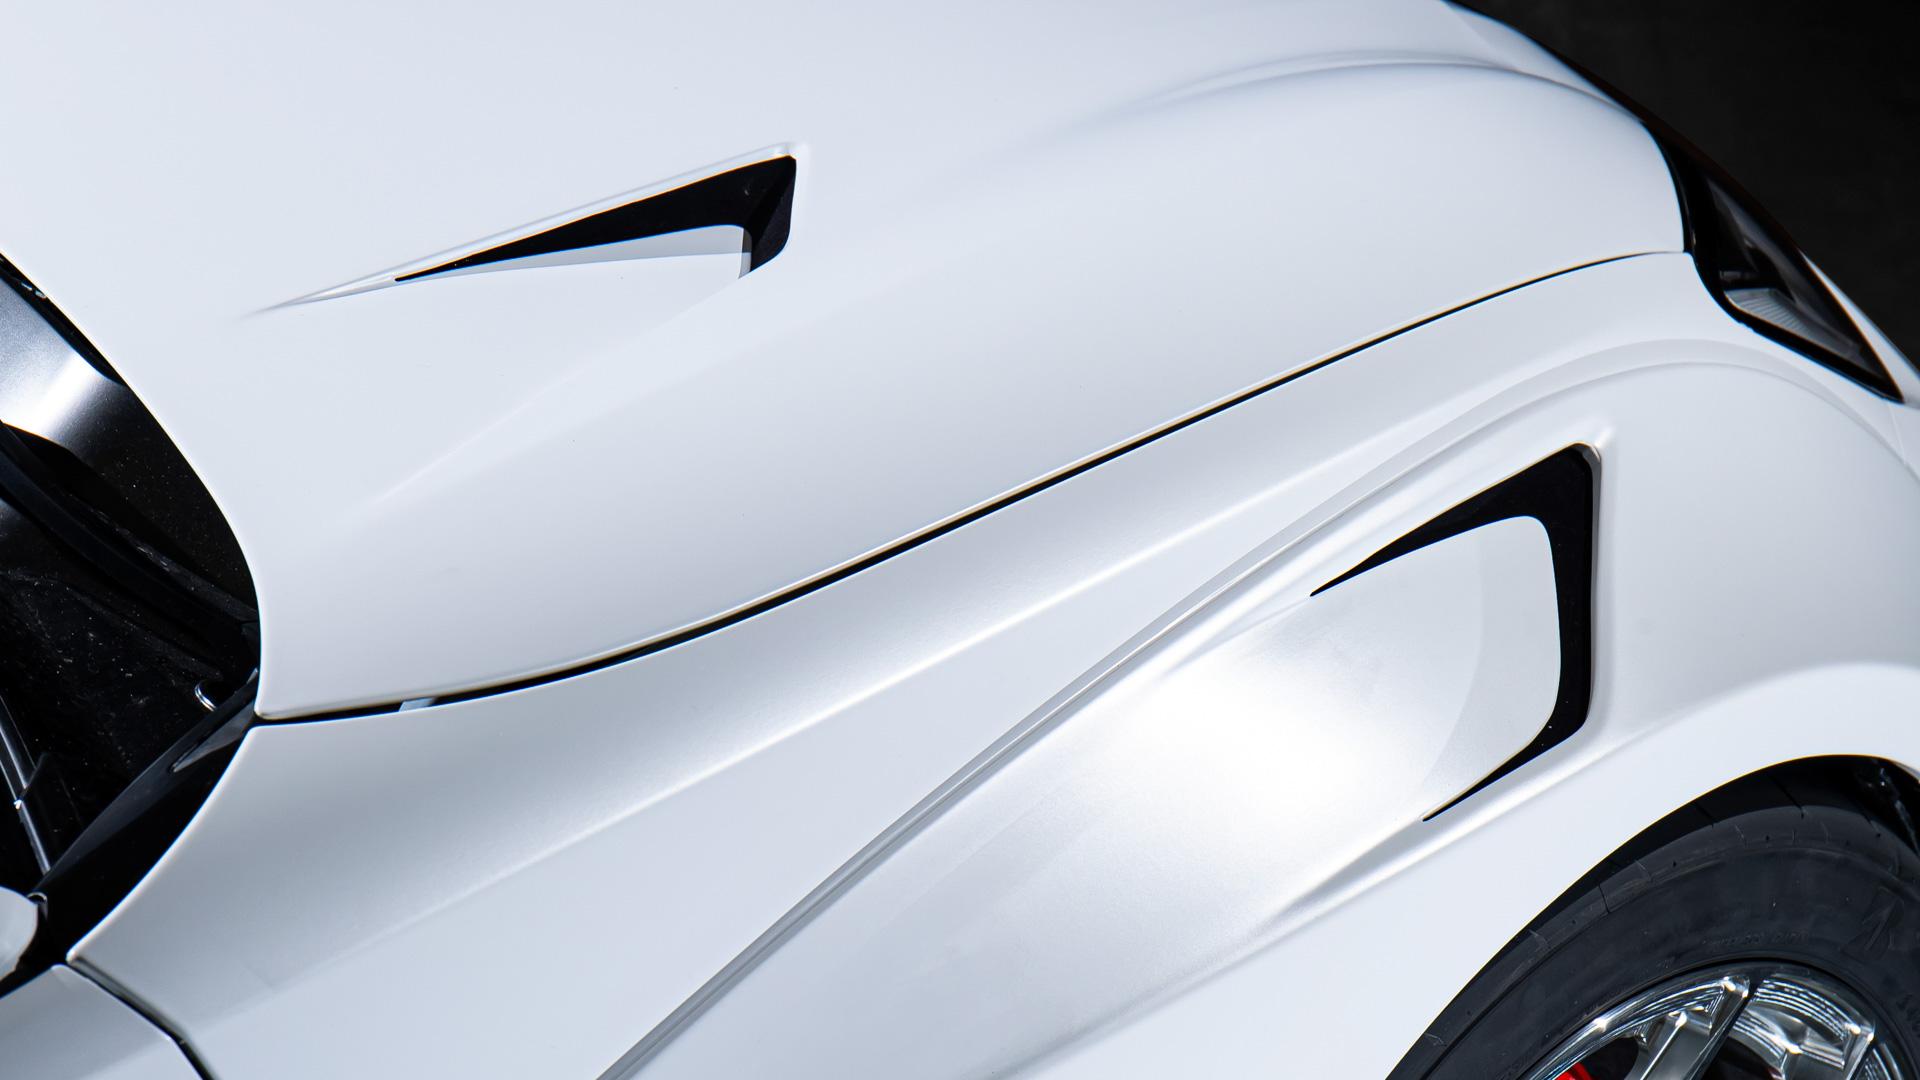 【ホイールハウスアウトレット】両端に配置したエアアウトレットはエンコパ内の空気を上方に抜き、冷却の為に前方から大量に吸気した空気が床下にオーバーフローする事を防ぐ狙い。両端にコンパクトに配置しているのはリヤウイングに向かう車両上面の綺麗な風の流れを阻害しないように工夫した